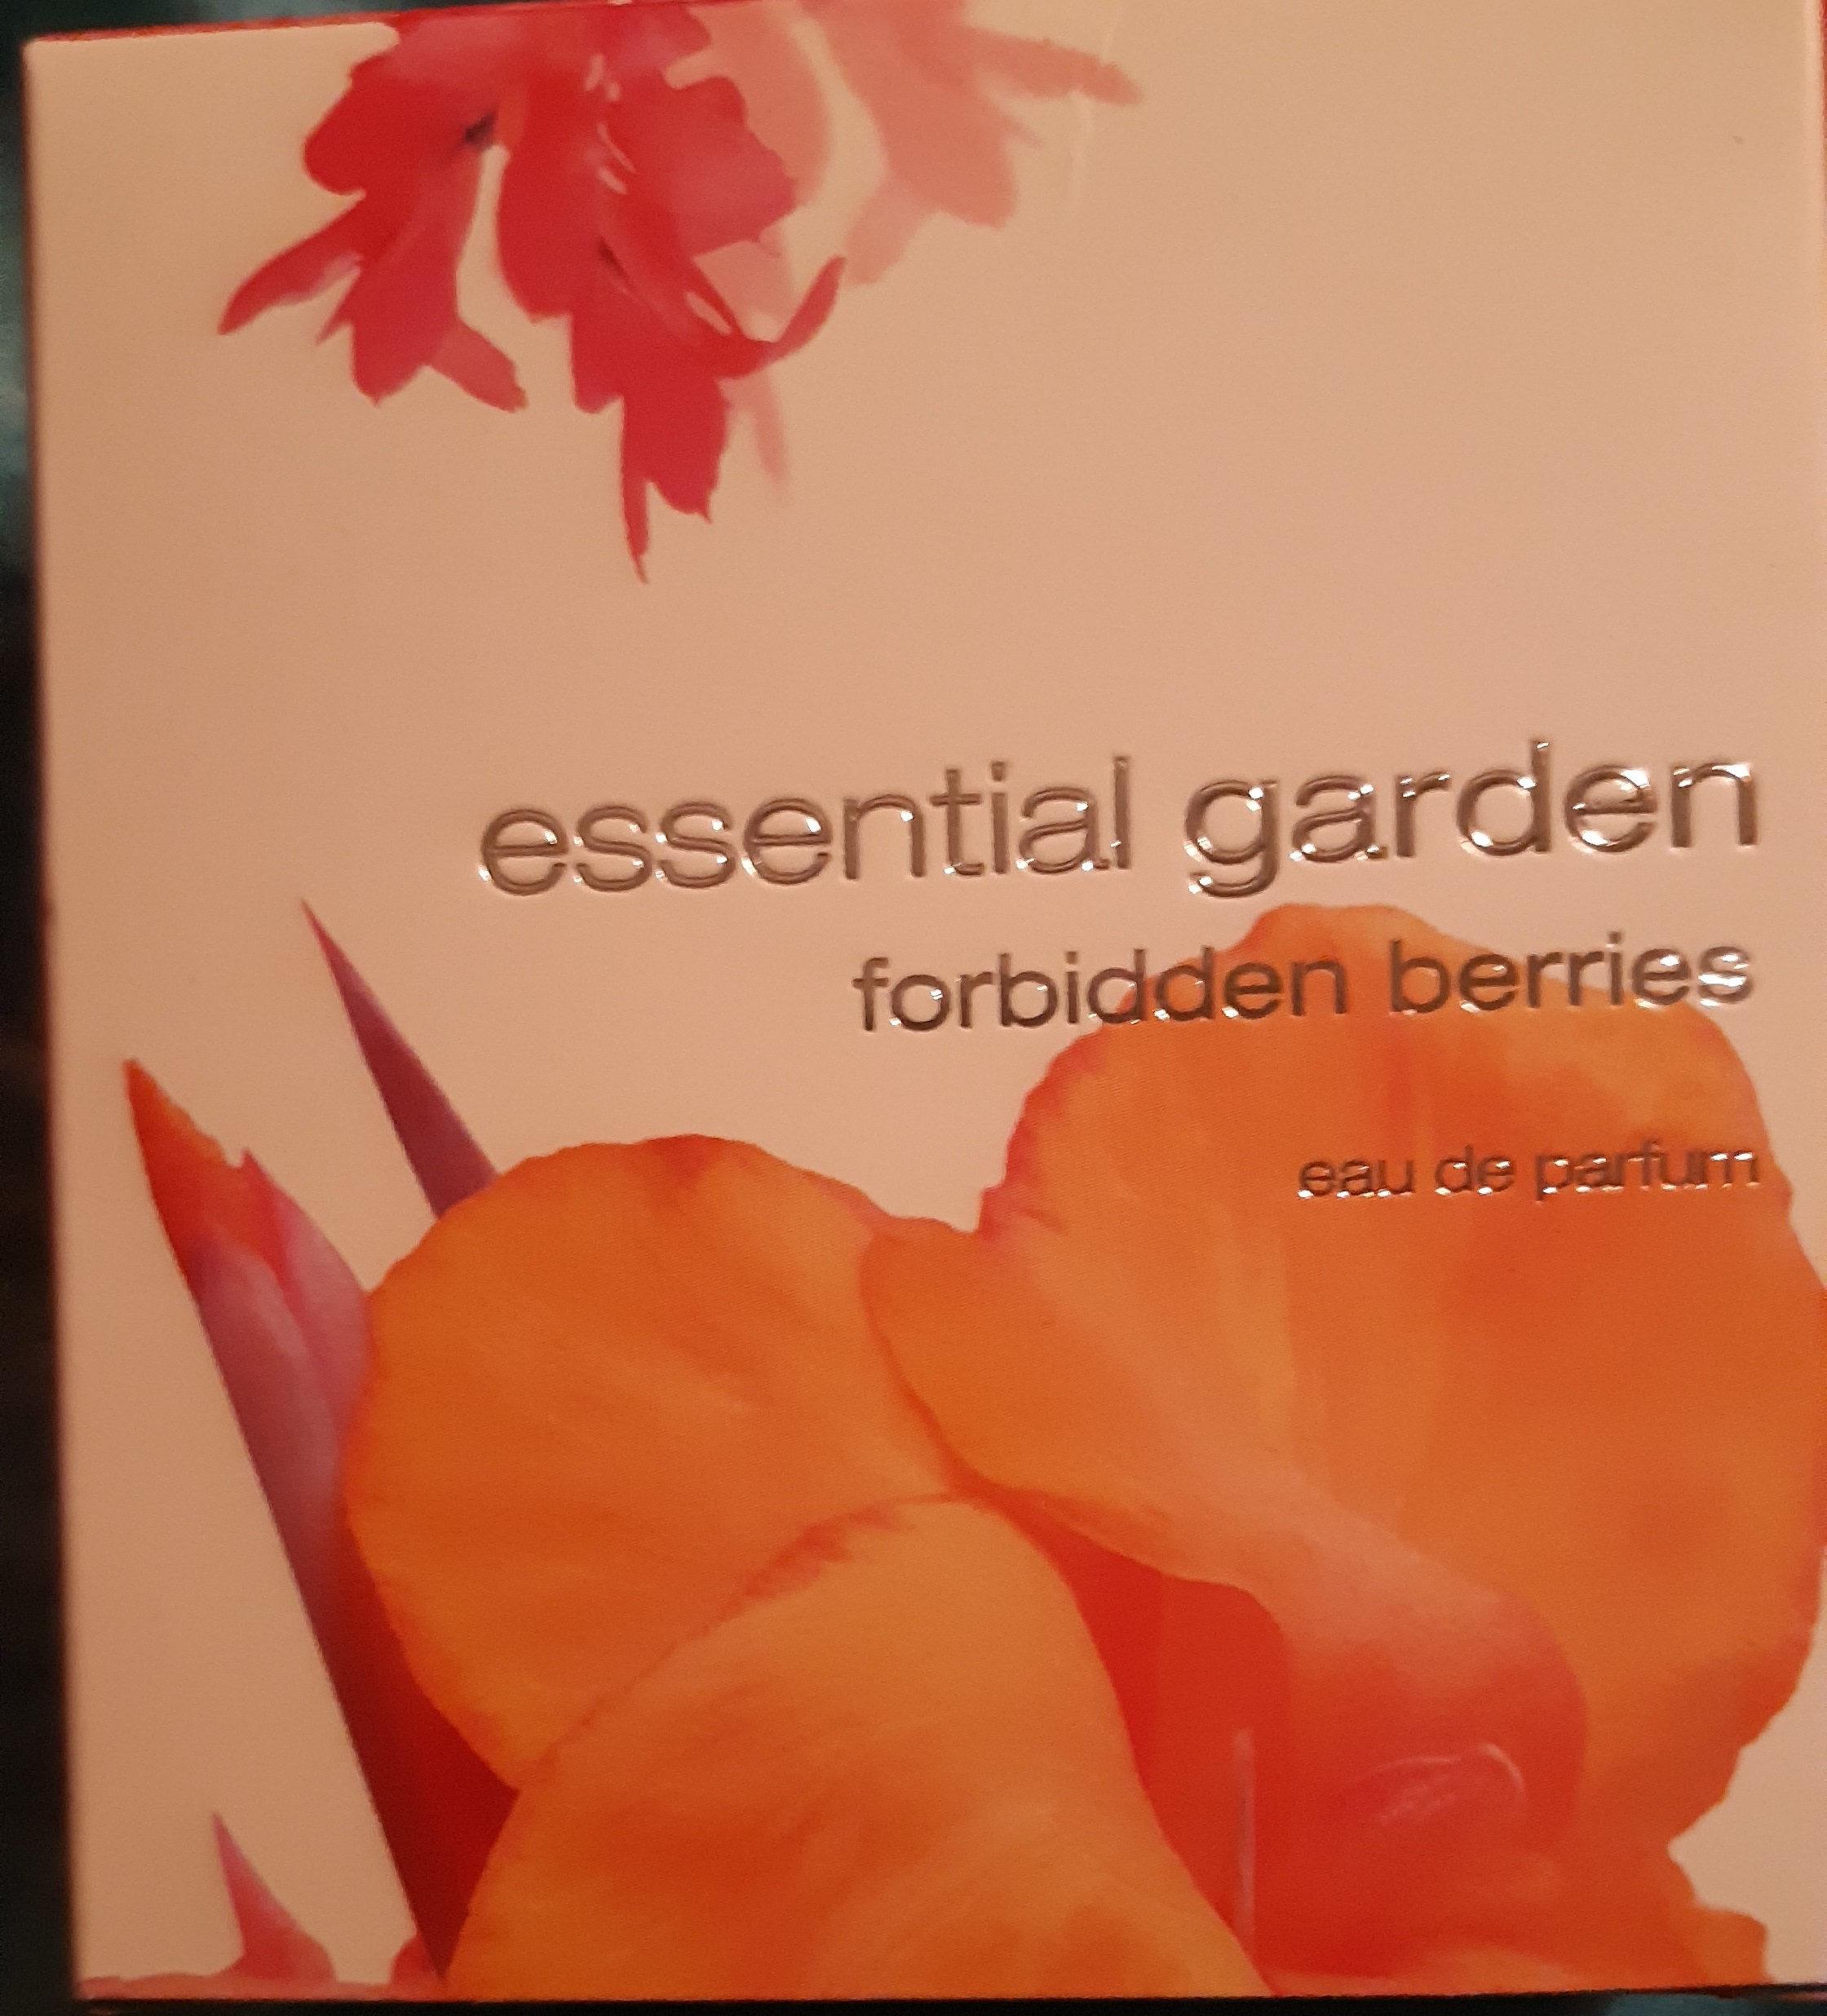 essential garden forbidden berries - Product